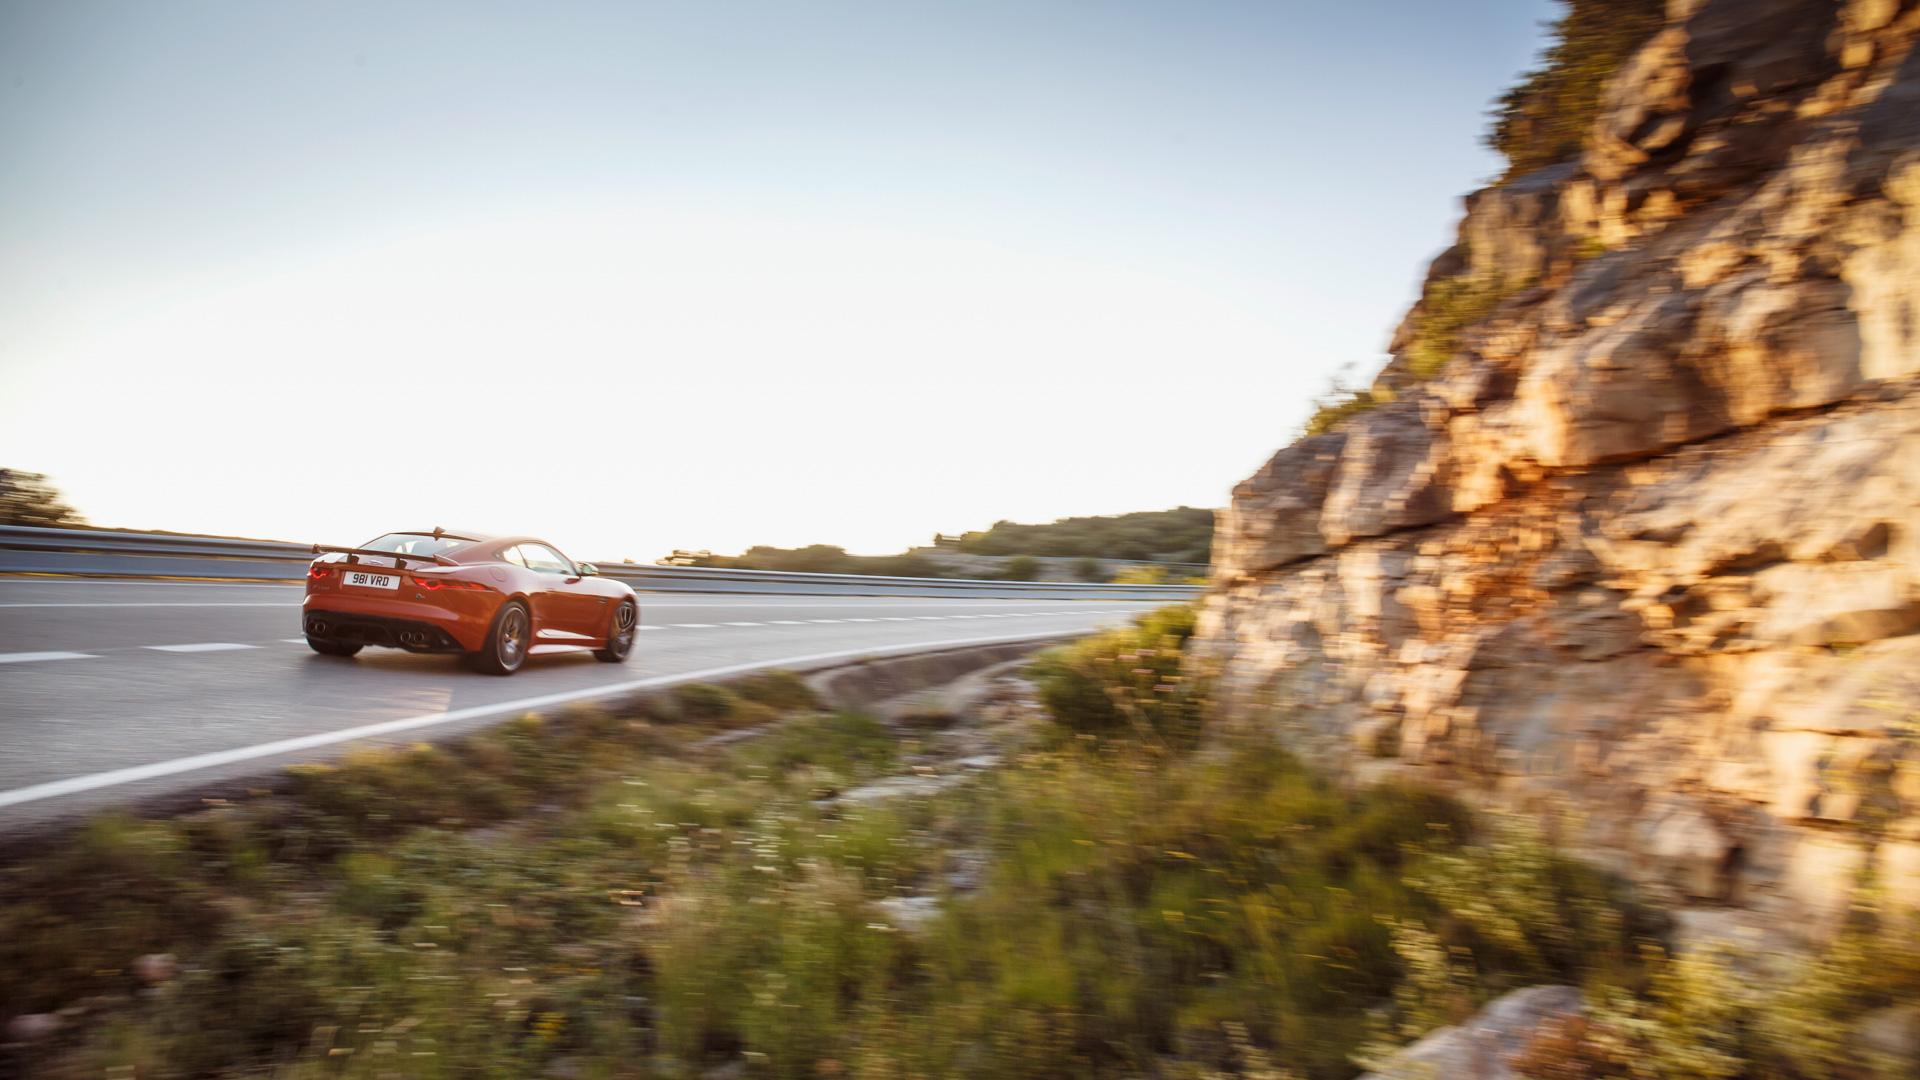 Тест-драйв самого быстрого серийного «Ягуара» вистории— F-Type SVR. Фото 5